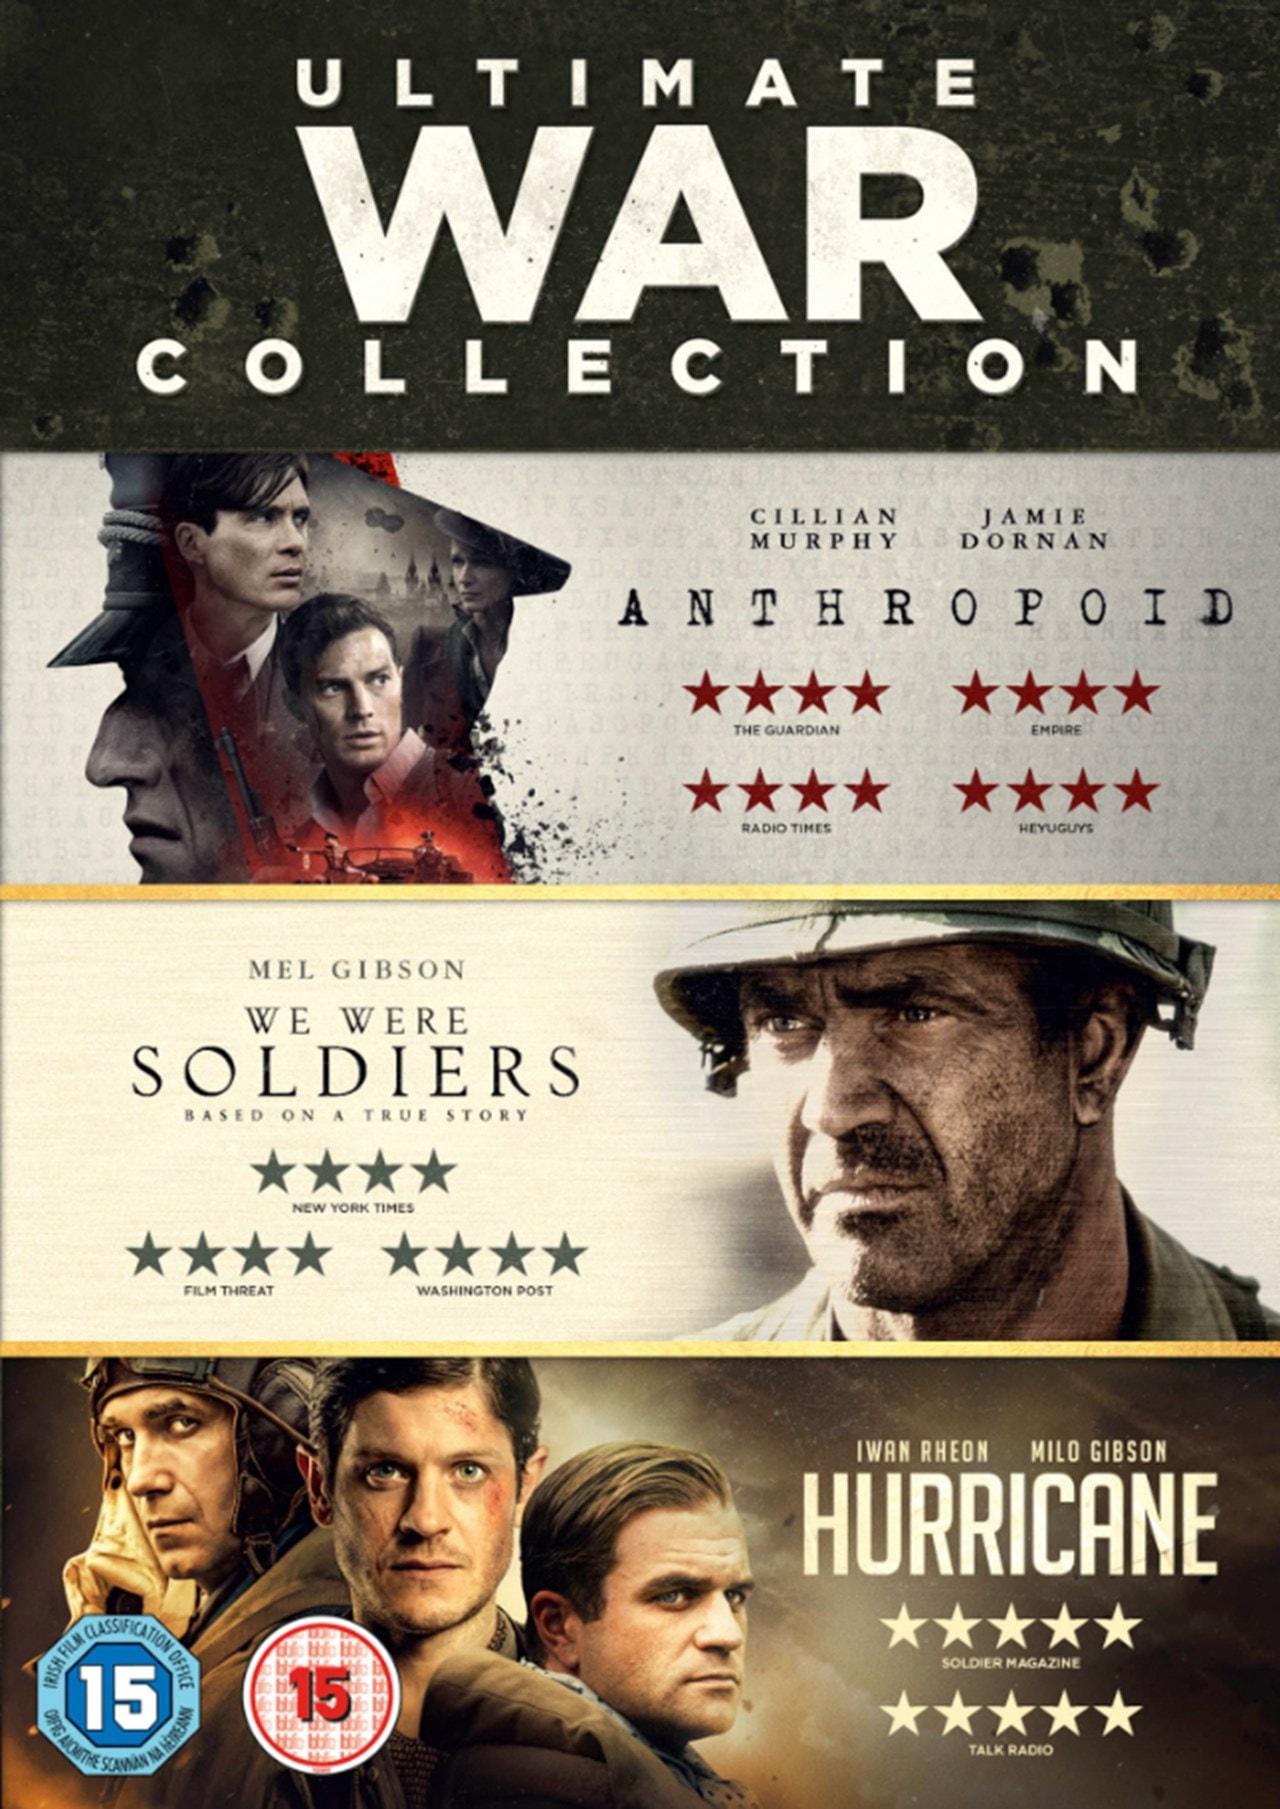 We Were Soldiers/Hurricane/Anthropoid - 1